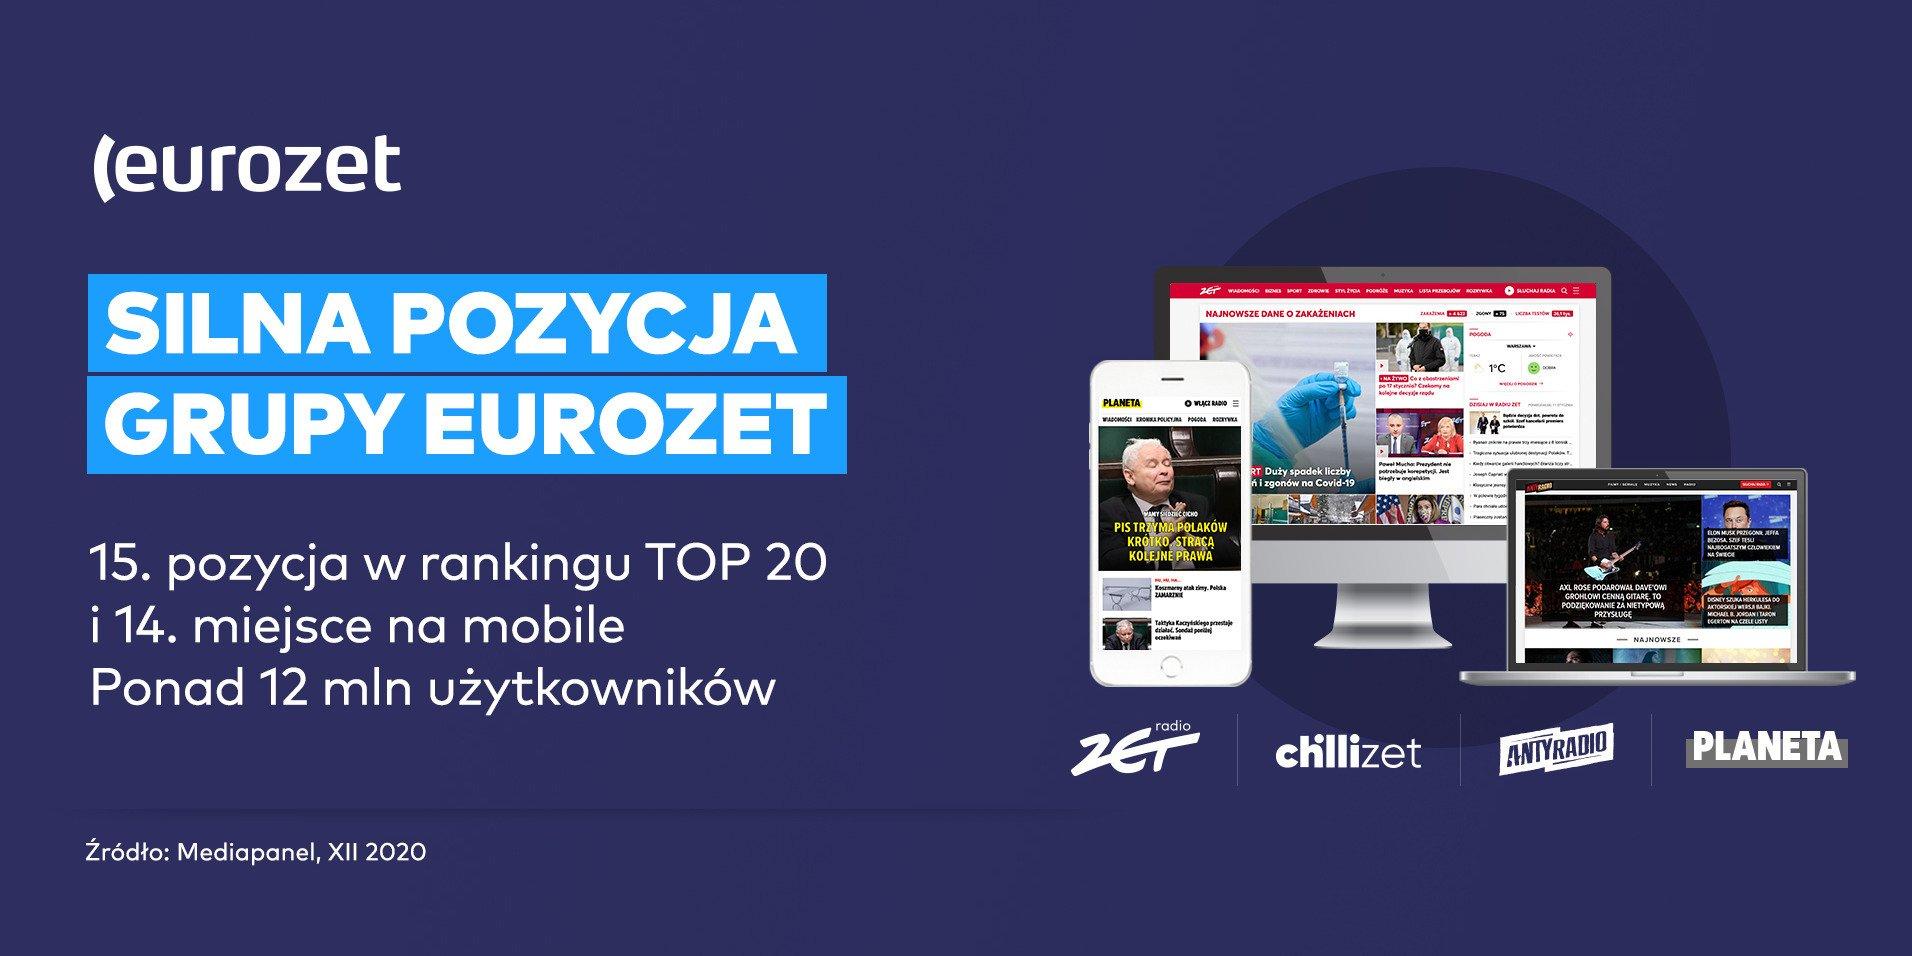 Świetne zakończenie roku Grupy Eurozet online